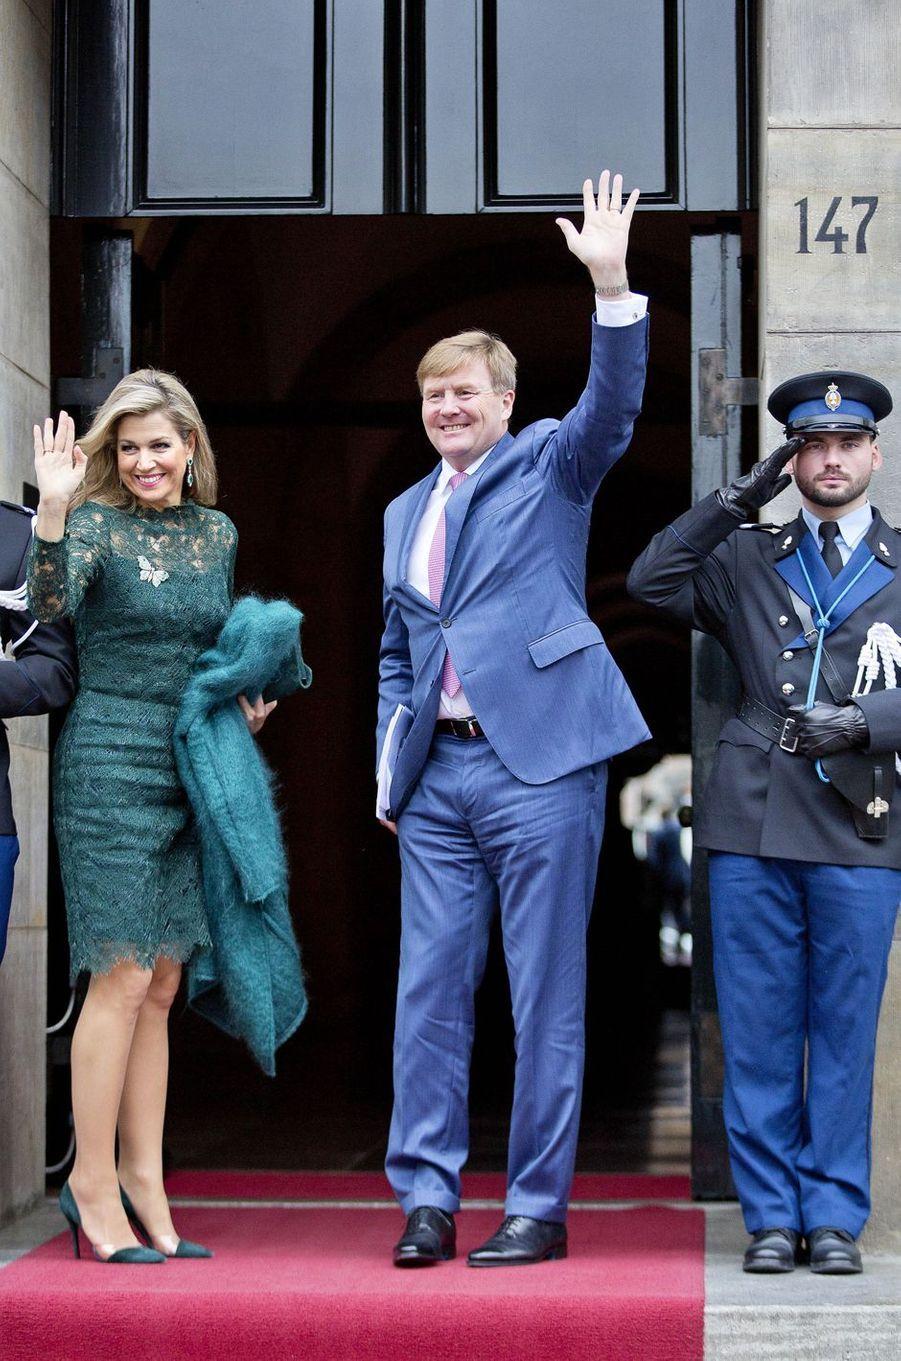 La reine Maxima et le roi Willem-Alexander des Pays-Bas au Palais royal à Amsterdam, le 6 décembre 2017